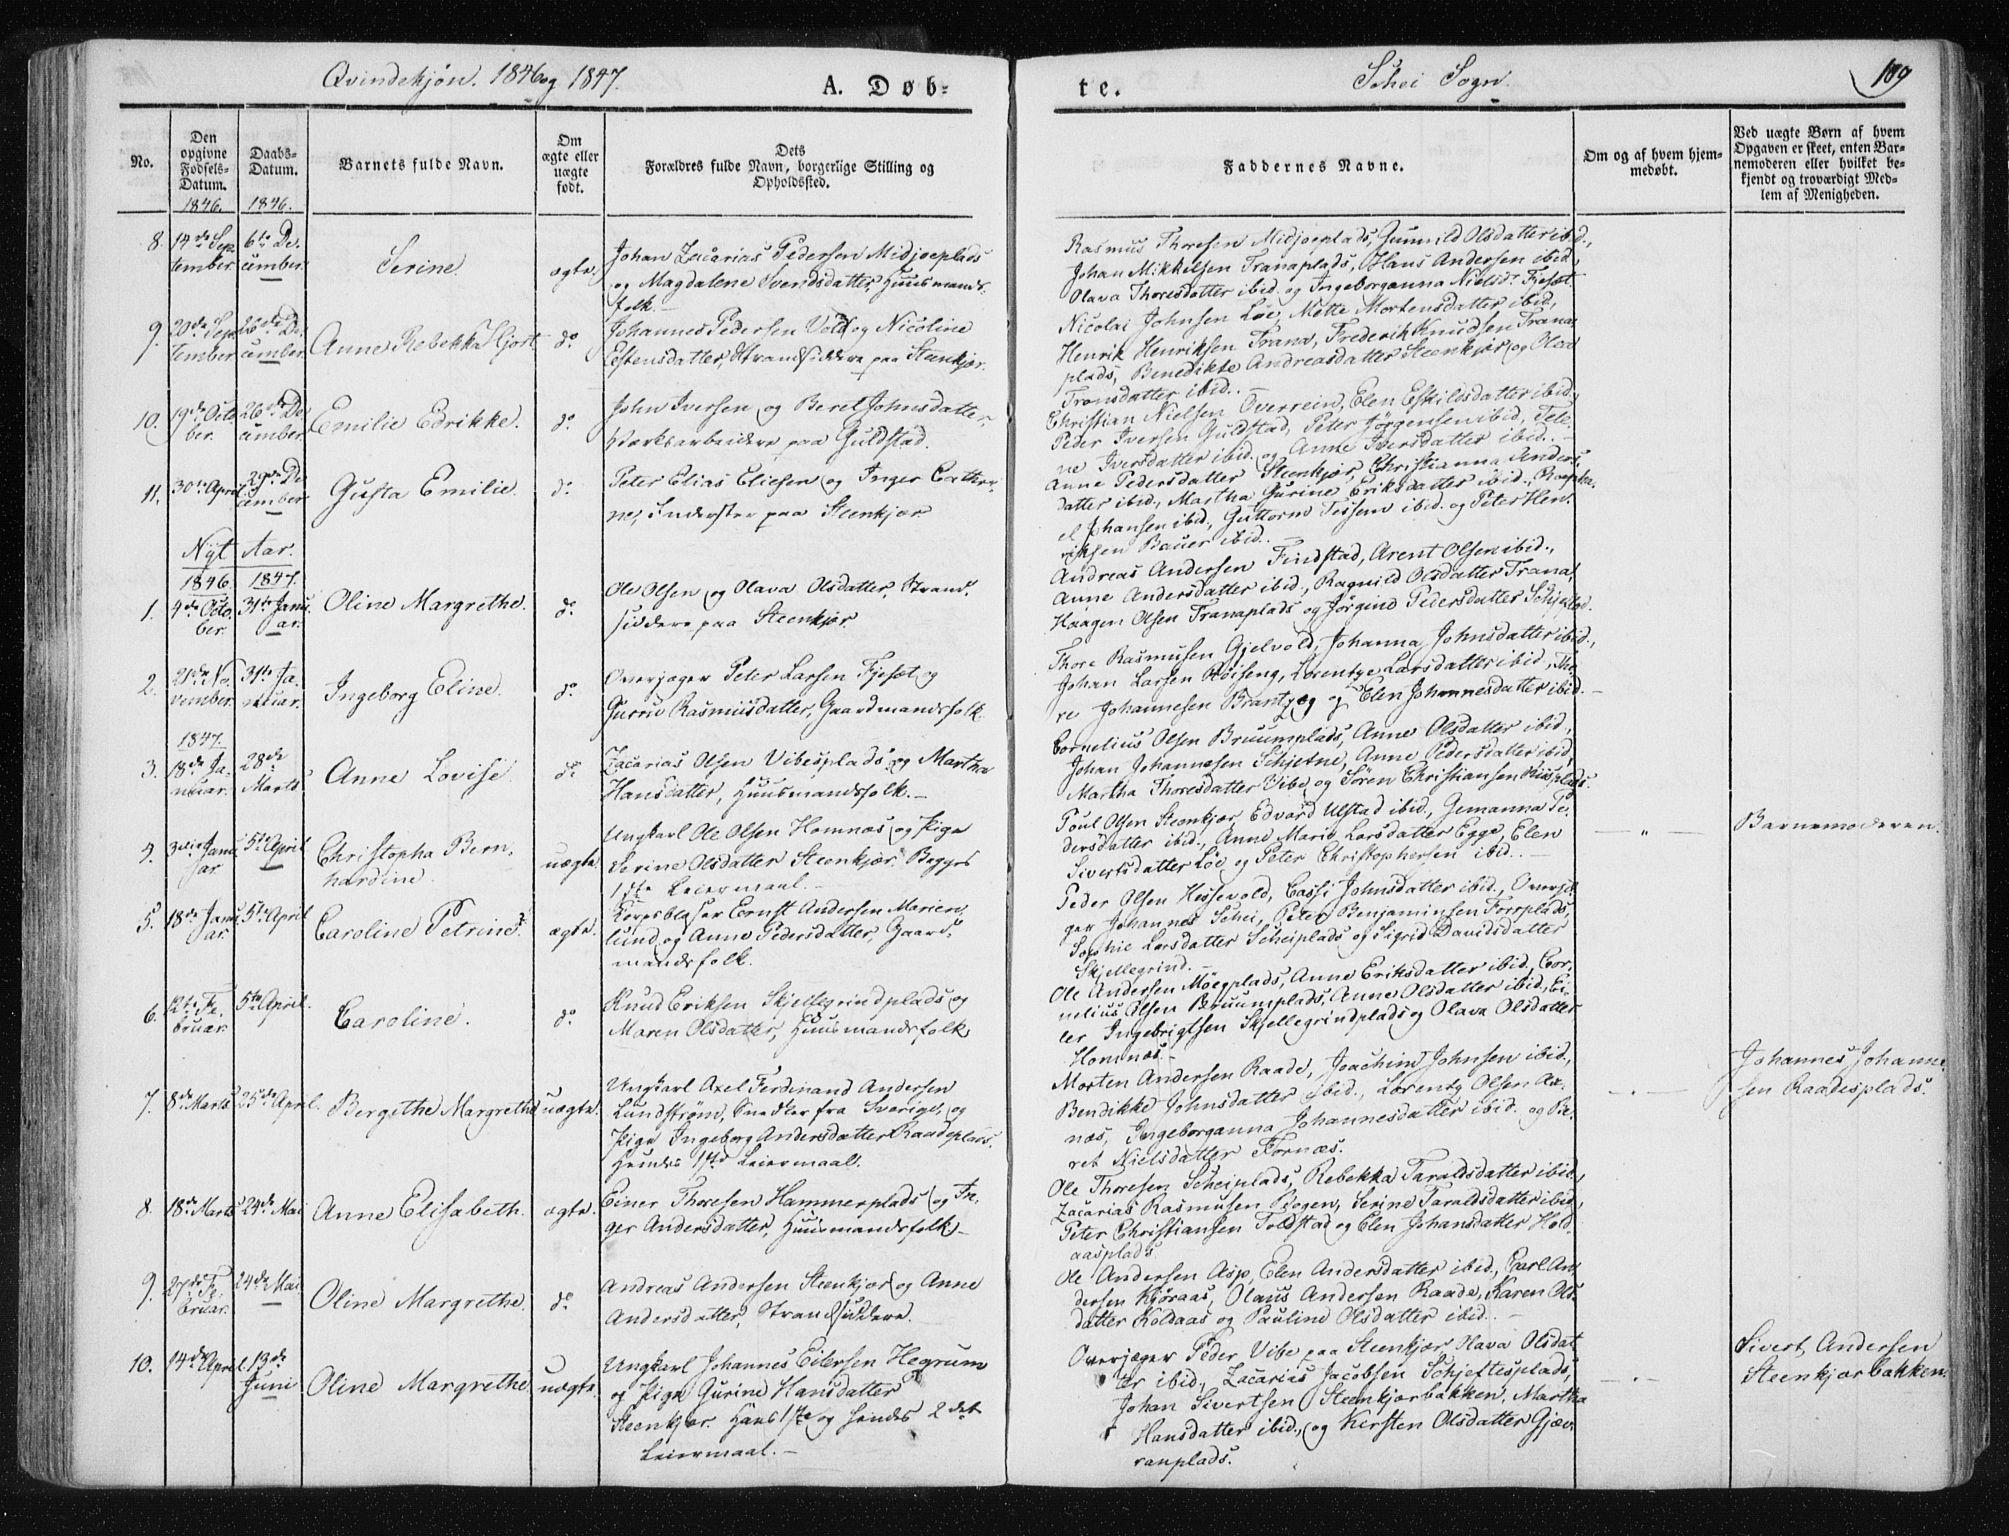 SAT, Ministerialprotokoller, klokkerbøker og fødselsregistre - Nord-Trøndelag, 735/L0339: Ministerialbok nr. 735A06 /2, 1836-1848, s. 109